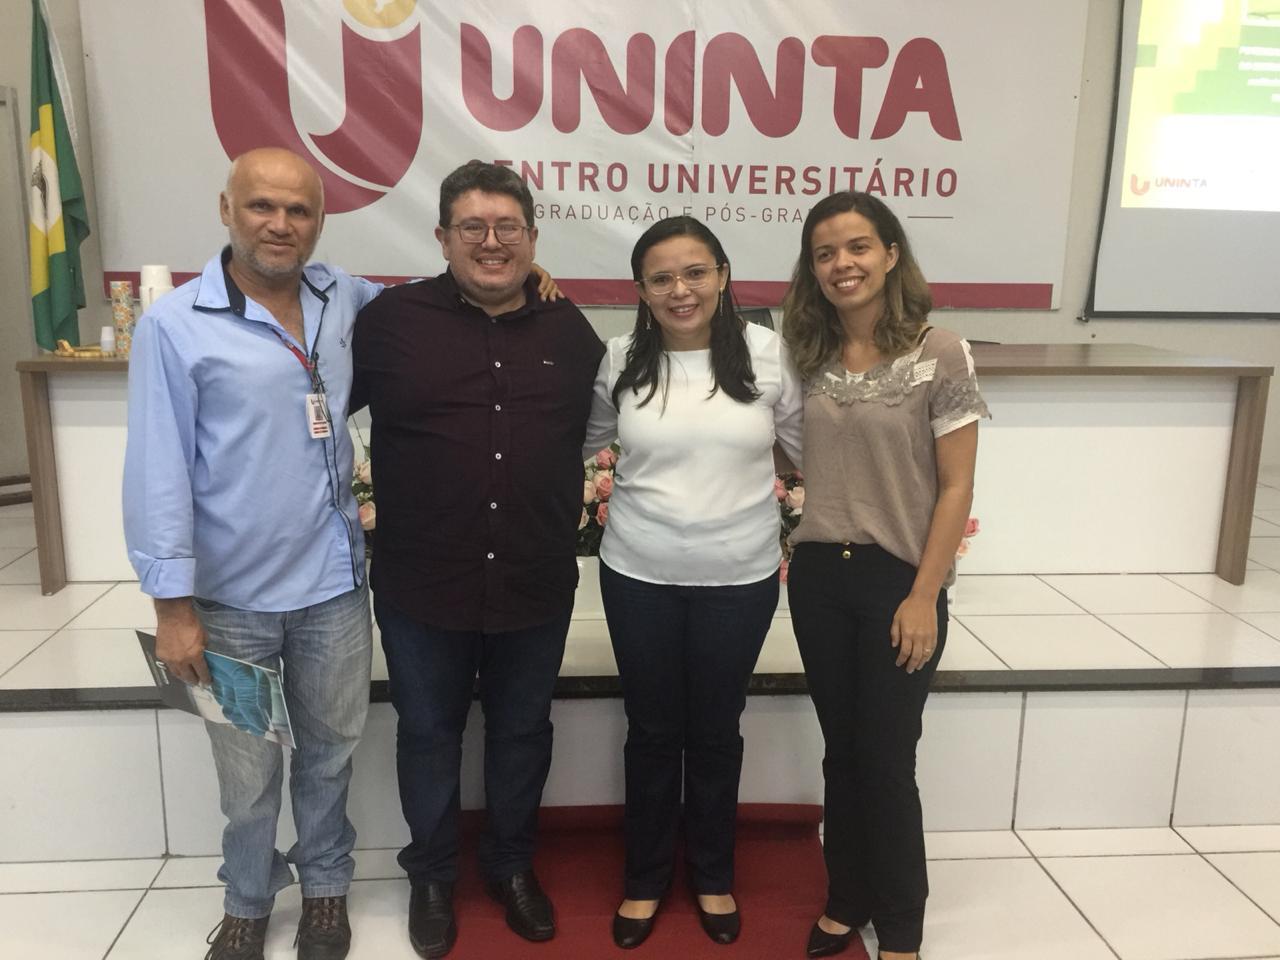 Defesa de dissertação do Mestrado em Biotecnologia da aluna Ana Kamila Teófilo Gomes Bezerra em 28-02-2019